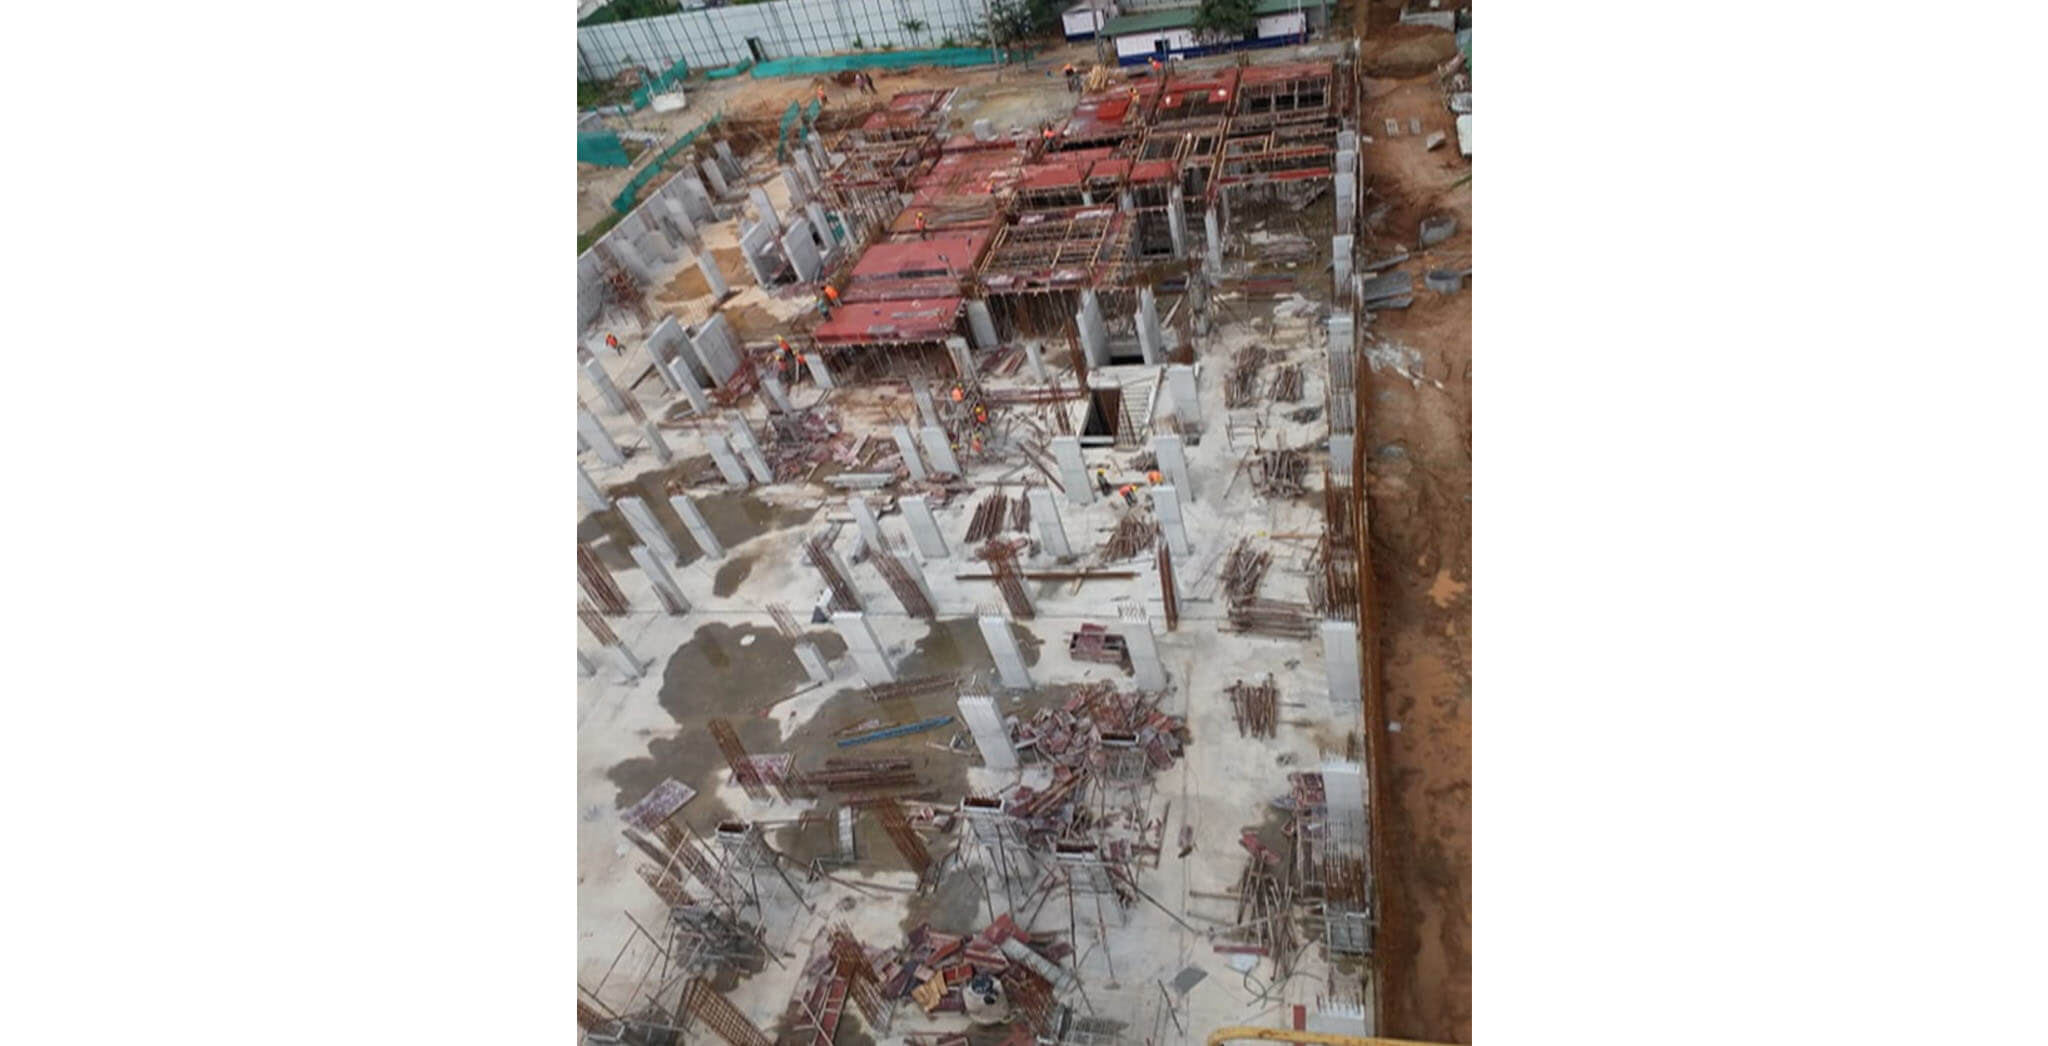 Oct 2019 - Wings A, B, W & X: Ground floor slab work in progress